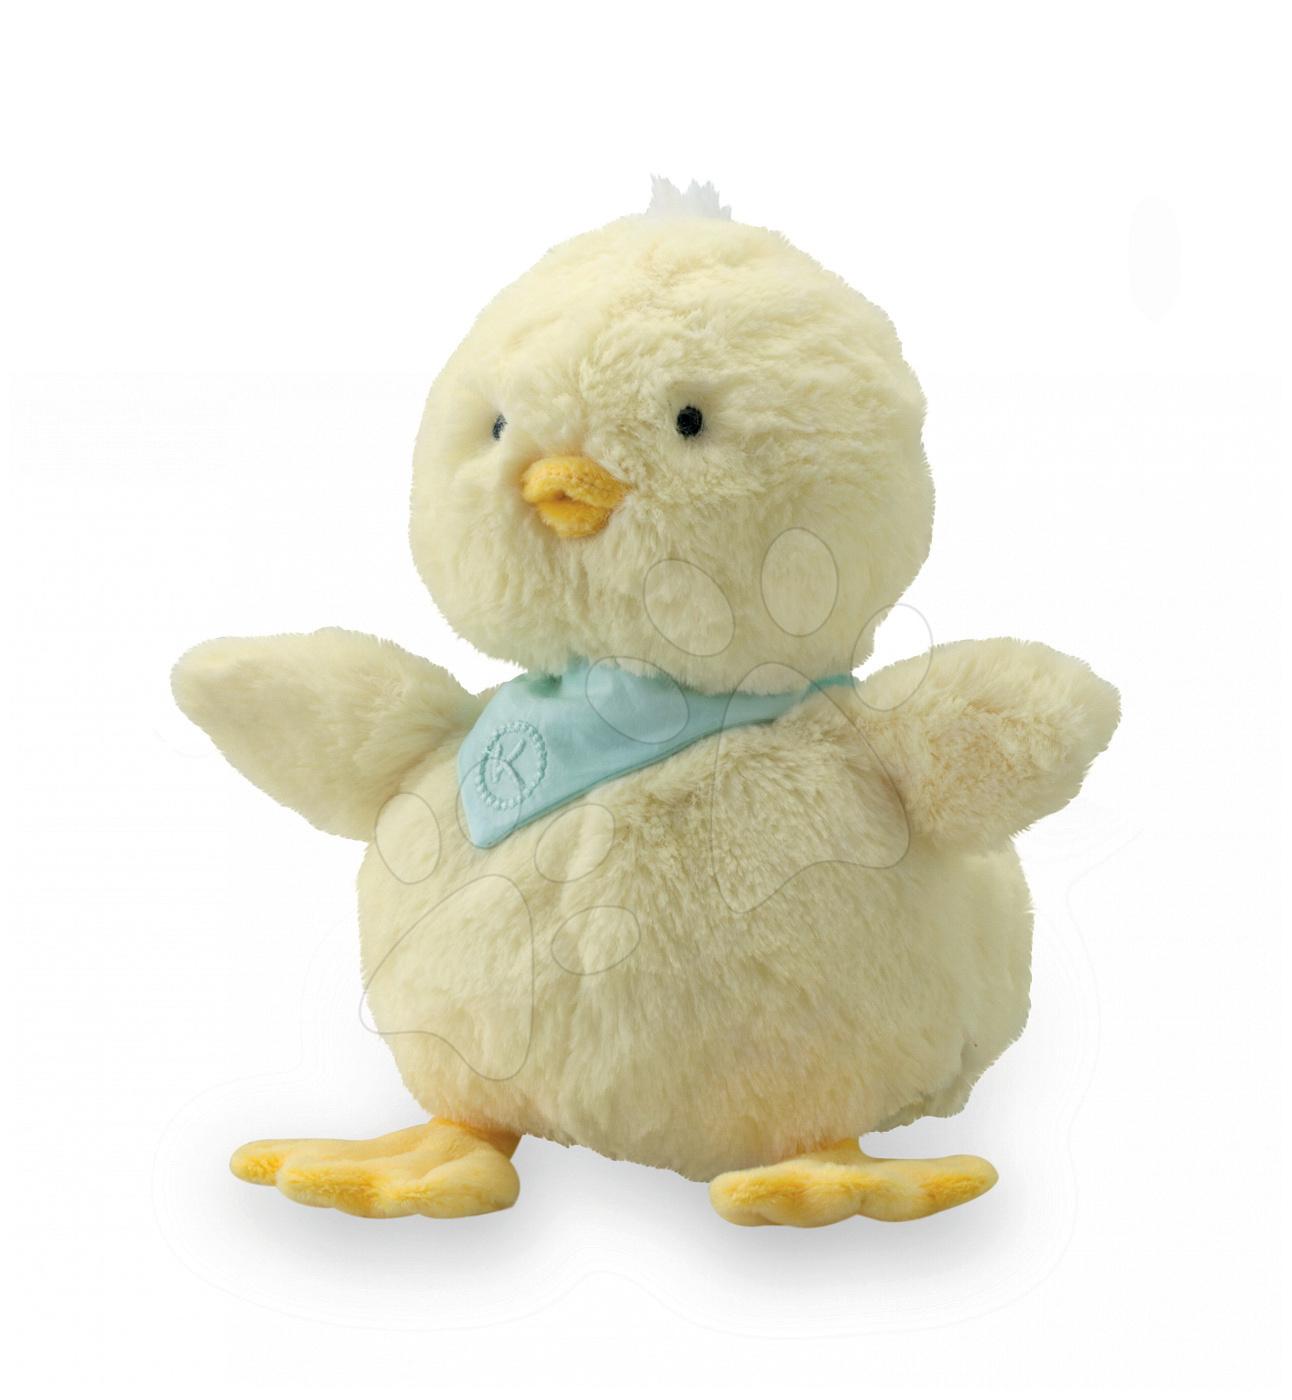 Plyšové zvieratká - Plyšové kuriatko Lemon Les Amis-Poussin Kaloo 12 cm v darčekovom balení pre najmenších